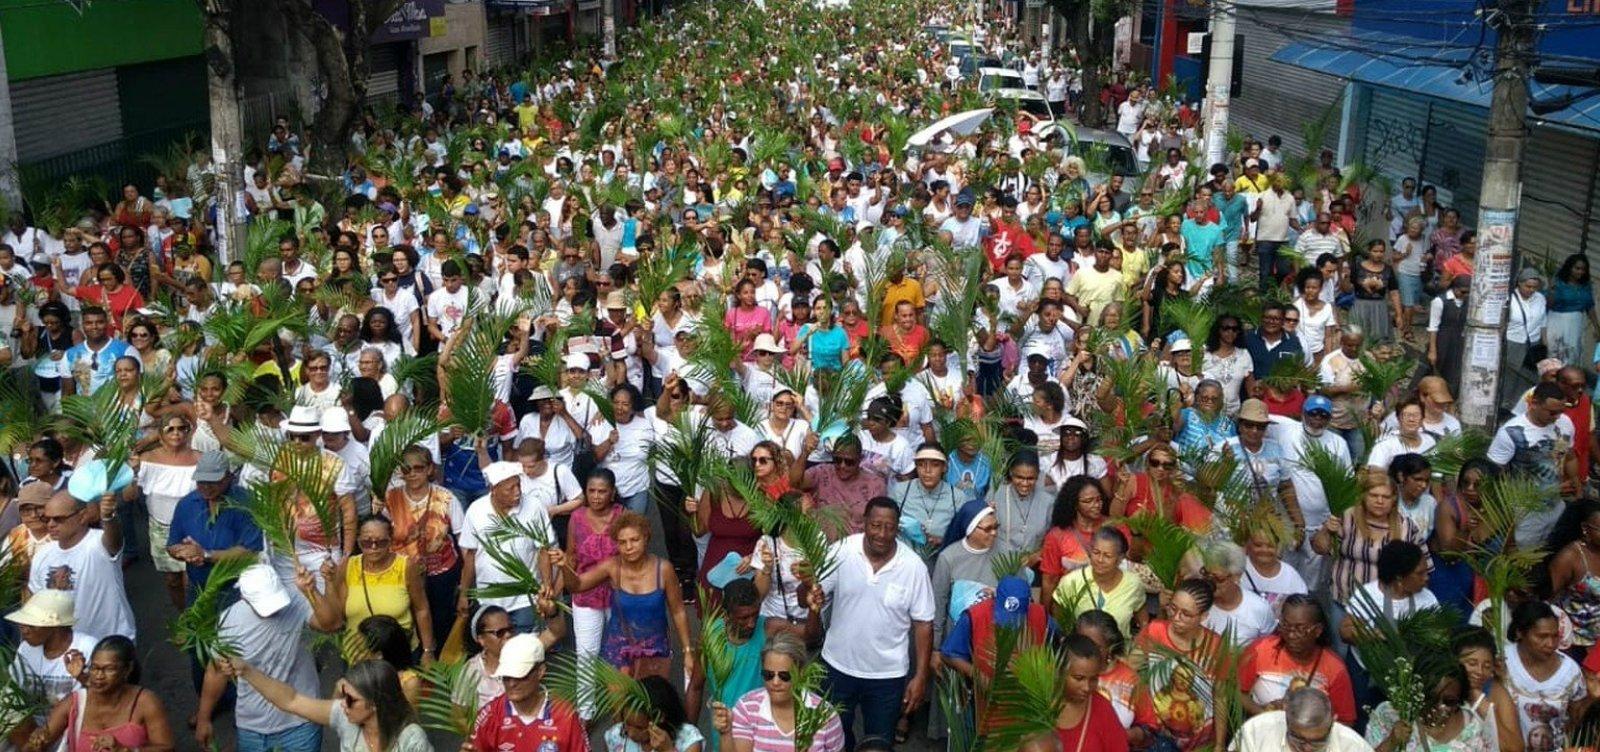 Fiéis participam de procissão do Domingo de Ramos no Campo Grande